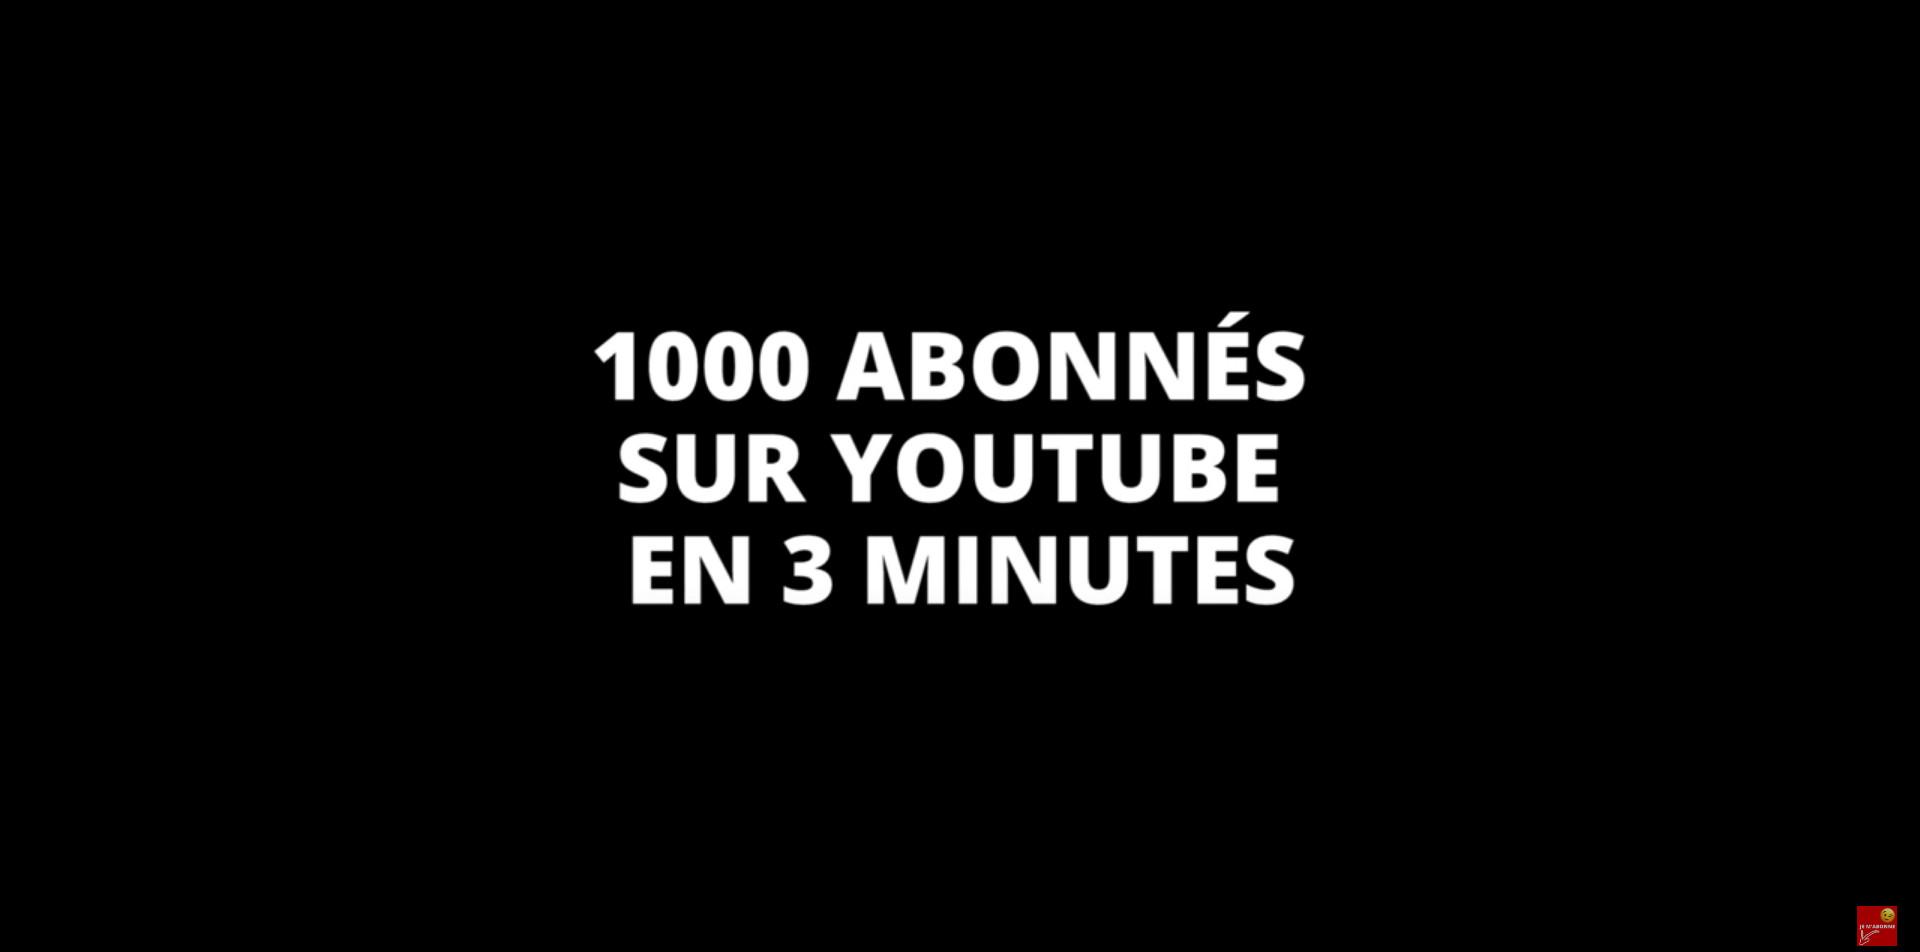 1000 ABONNÉS SUR YOUTUBE EN 3 MINUTES : MÉTHODE MÉCONNUE EN 2021 (GAGNER DE L'ARGENT)